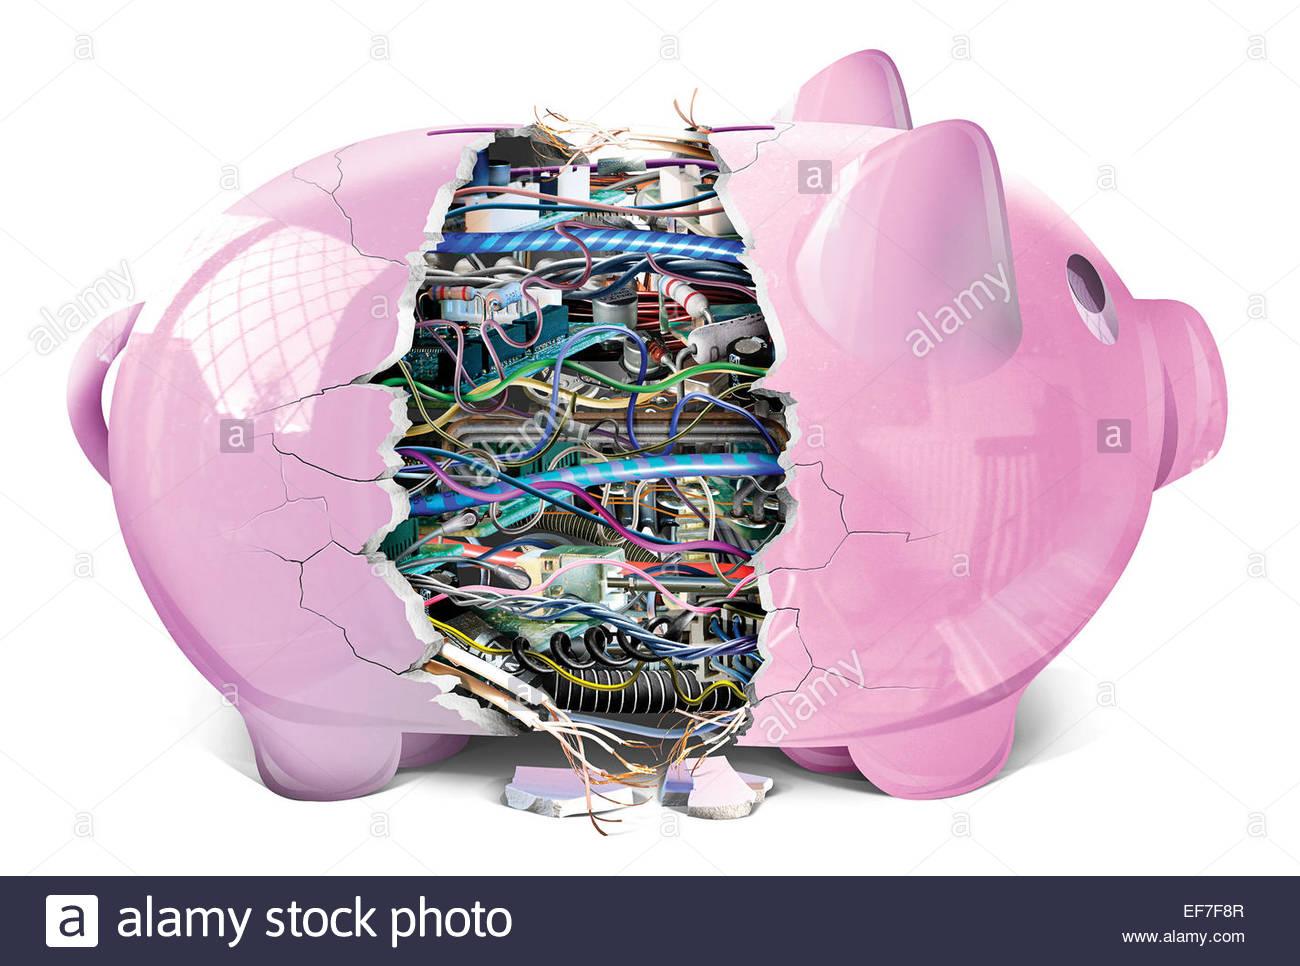 Hucha rota revelando electrónica complicada Imagen De Stock